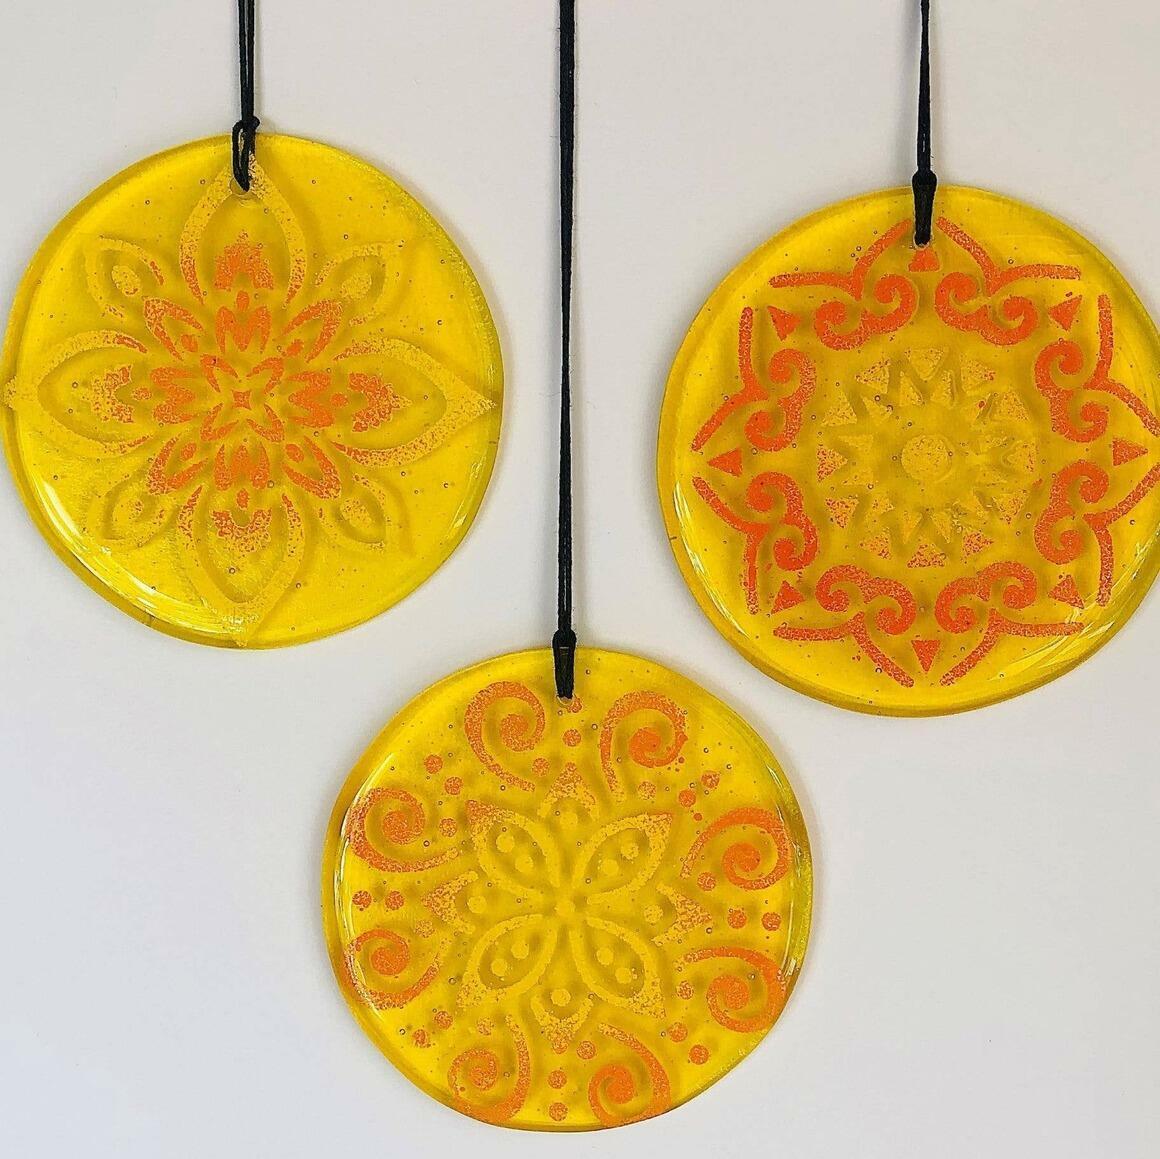 Glass Mandala Window Ornament Suncatcher - Sunshine Yellow | Trada Marketplace